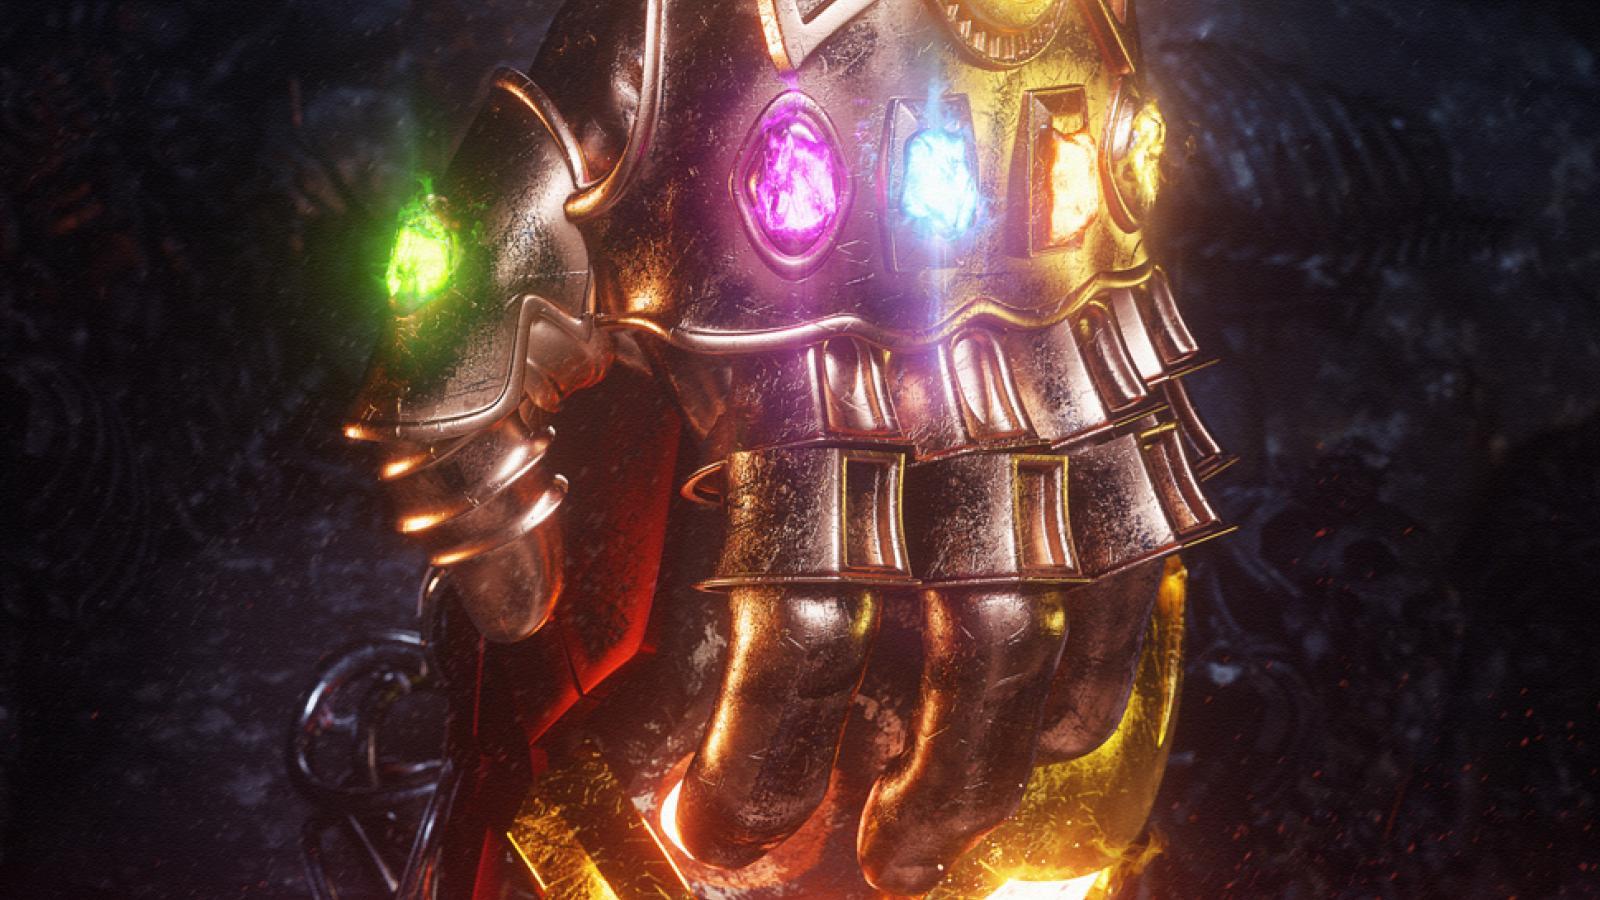 Hemos presentado el trabajo de Billelis por su ilustración rad en Black Panther. Él regresó de nuevo con dos ilustraciones en homenaje a Avengers: Infinity War. Esta película ha sido aplastante en la taquilla y es emocionante sobre cómo inspira a los artistas a crear. Gracias a Billelis por compartir las tomas del proceso, que es interesante y siempre inspirador. Me encanta la textura en Thano's Gauntlet, es increíble. Compartamos el amor con lo último de Billelis y no puedo esperar a ver qué está cocinando a continuación. Más enlaces Conozca más sobre Billelis Sigue el trabajo de Billelis en Behance Ilustración y arte digital